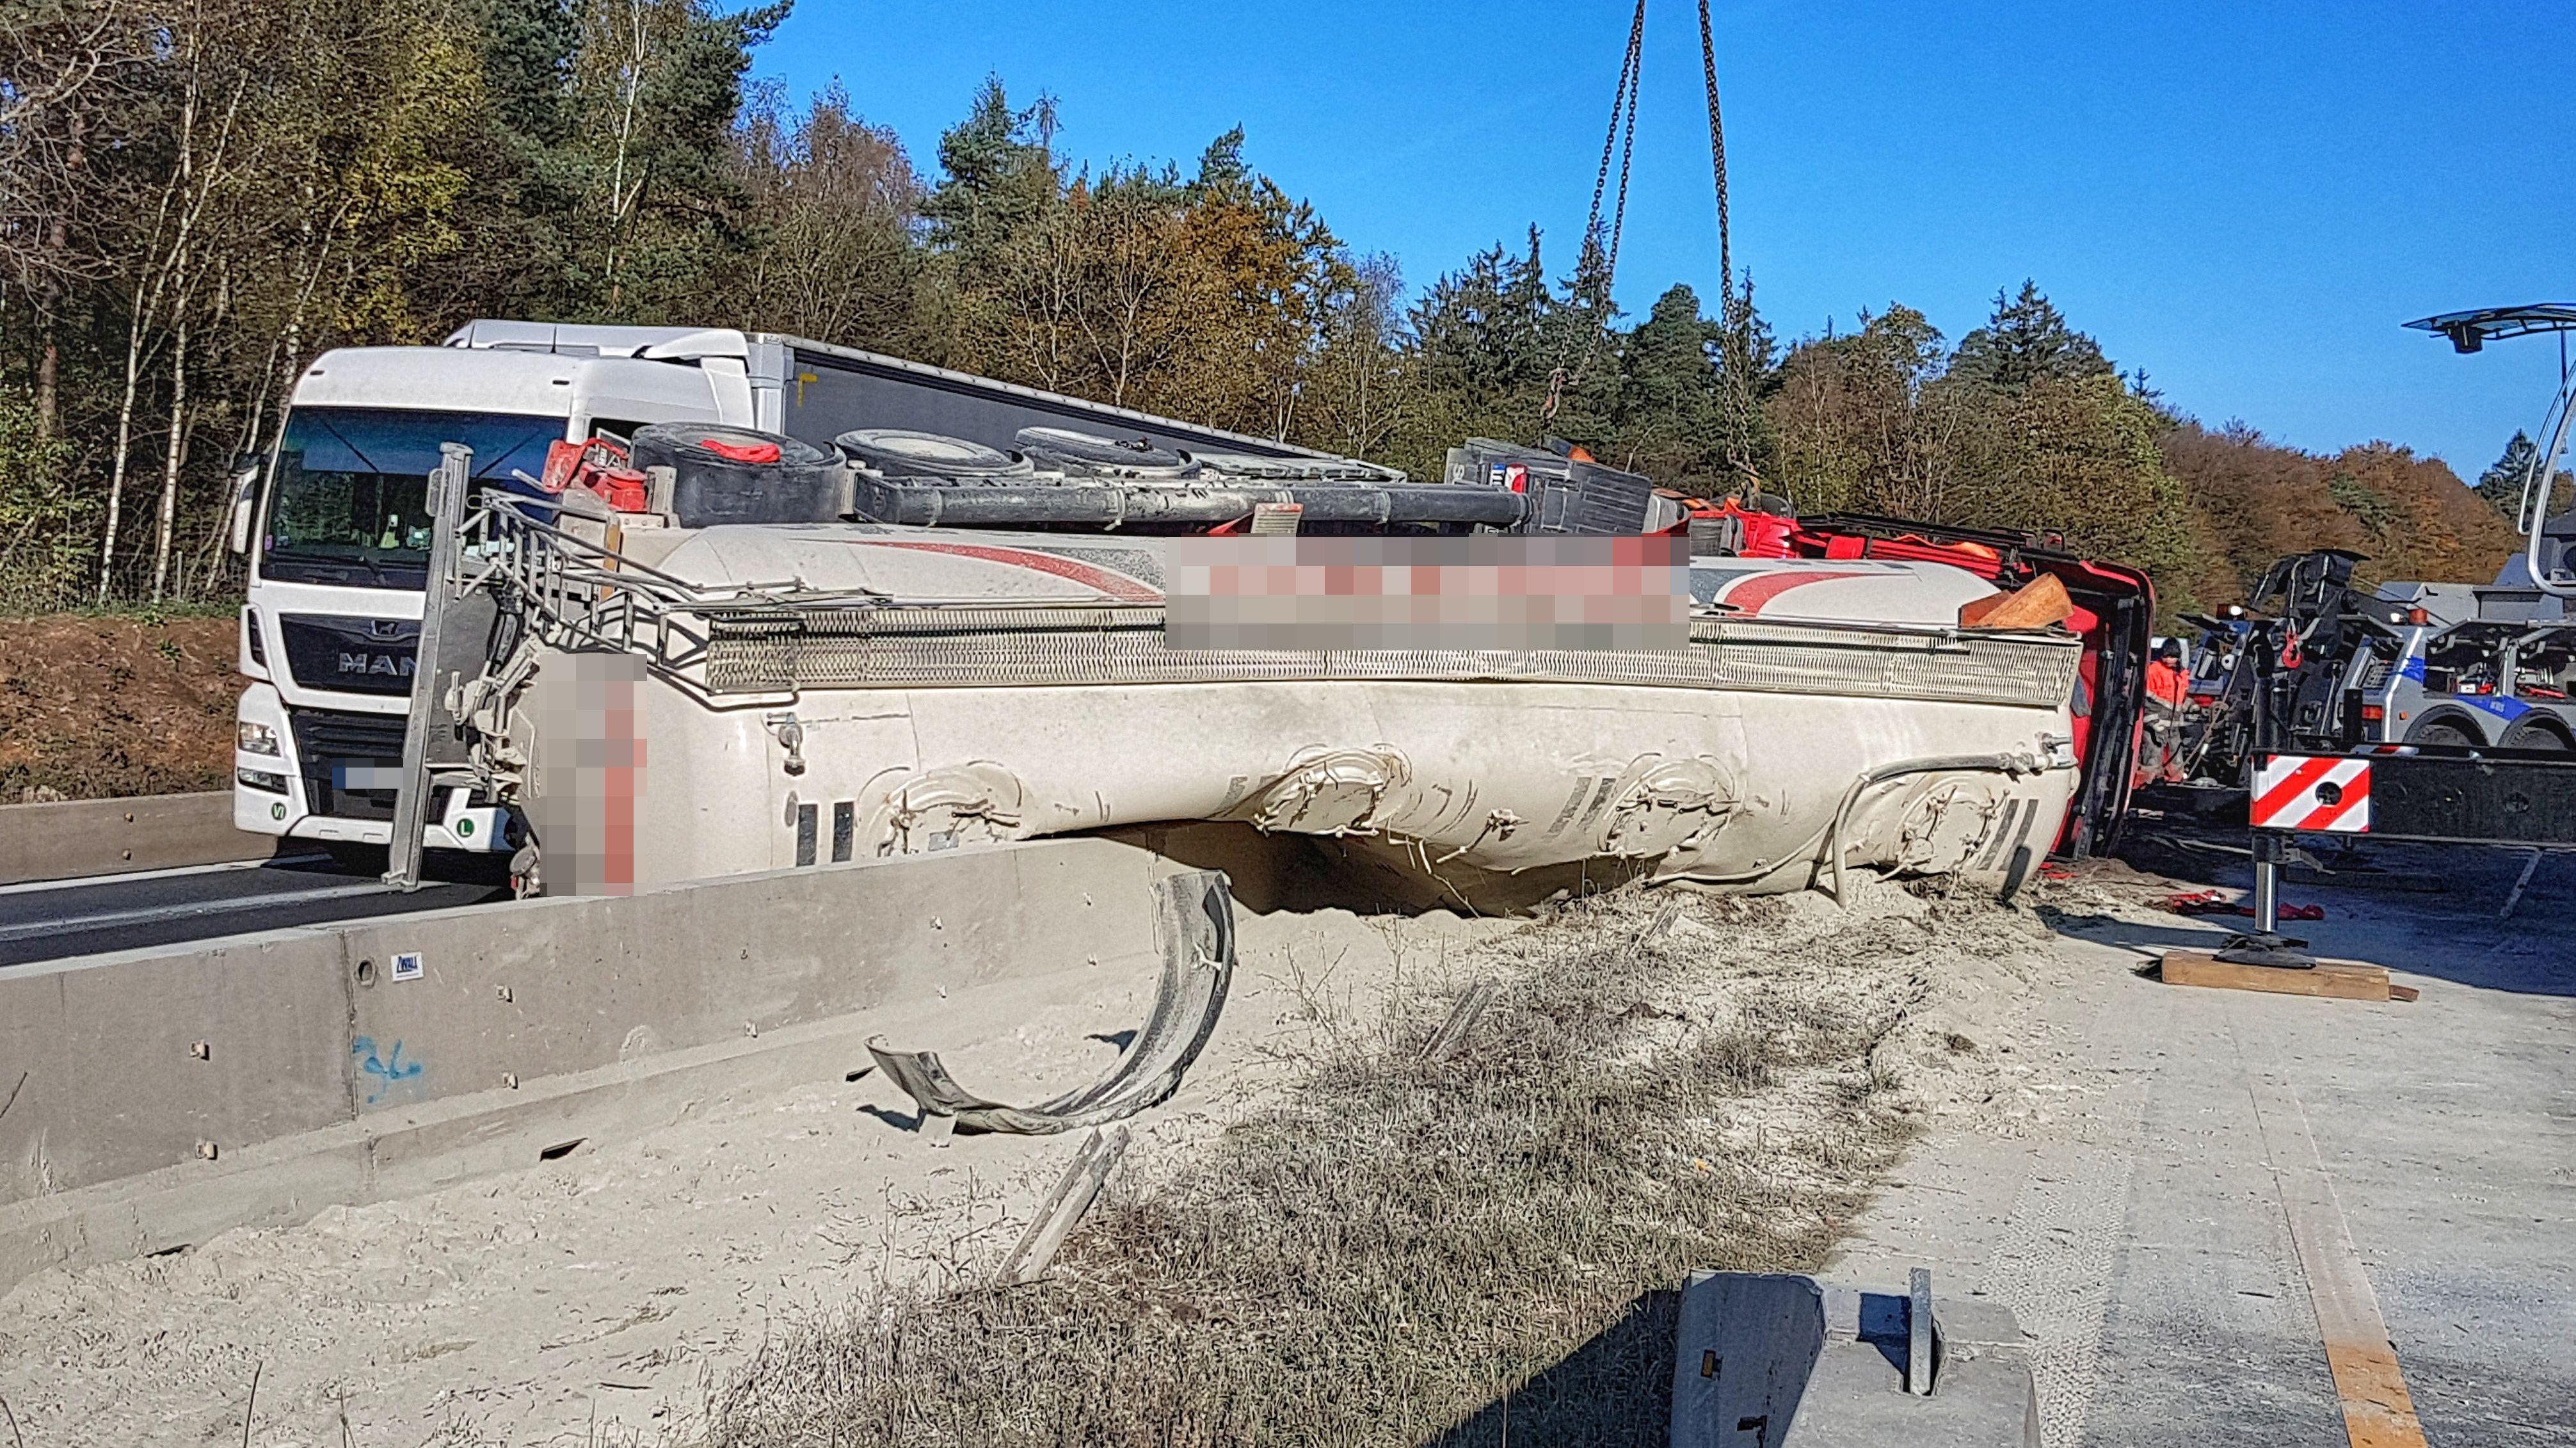 Auf der A7 im Landkreis Bad Kissingen liegt nach einem Unfall ein umgekippter Zementlaster.